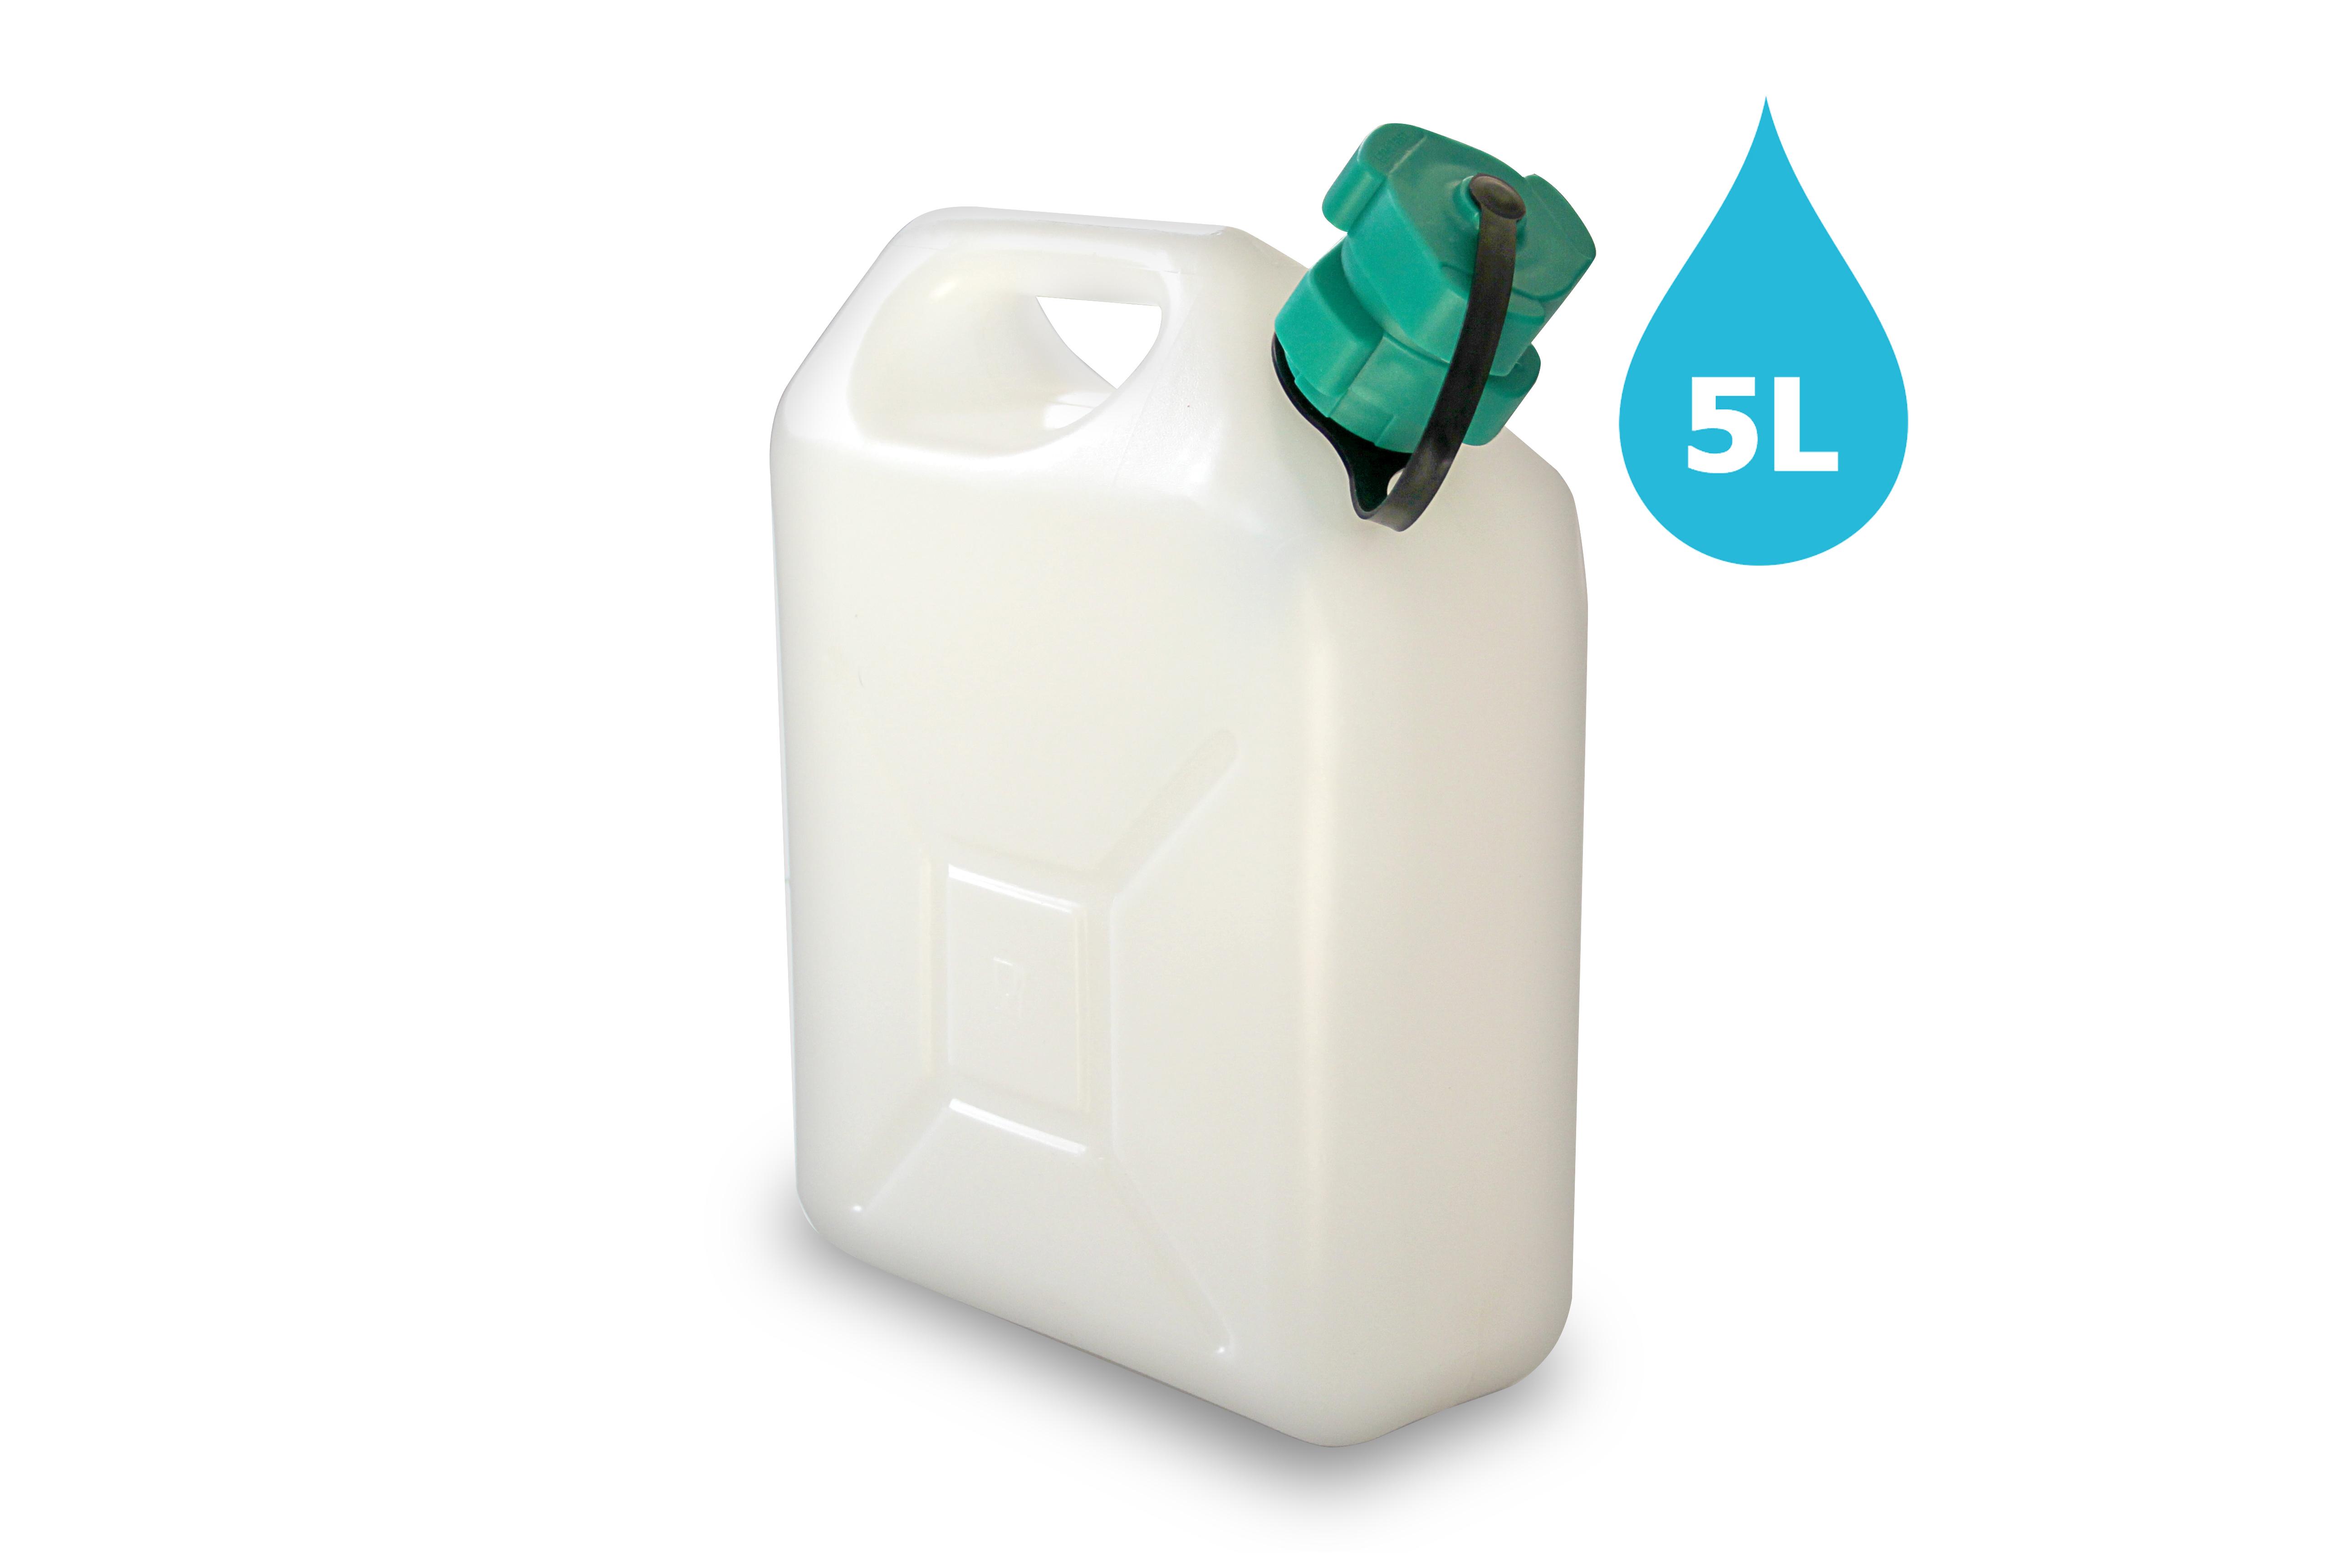 Ondis24 Wasserkanister Mit Hahn Gunstig Online Kaufen